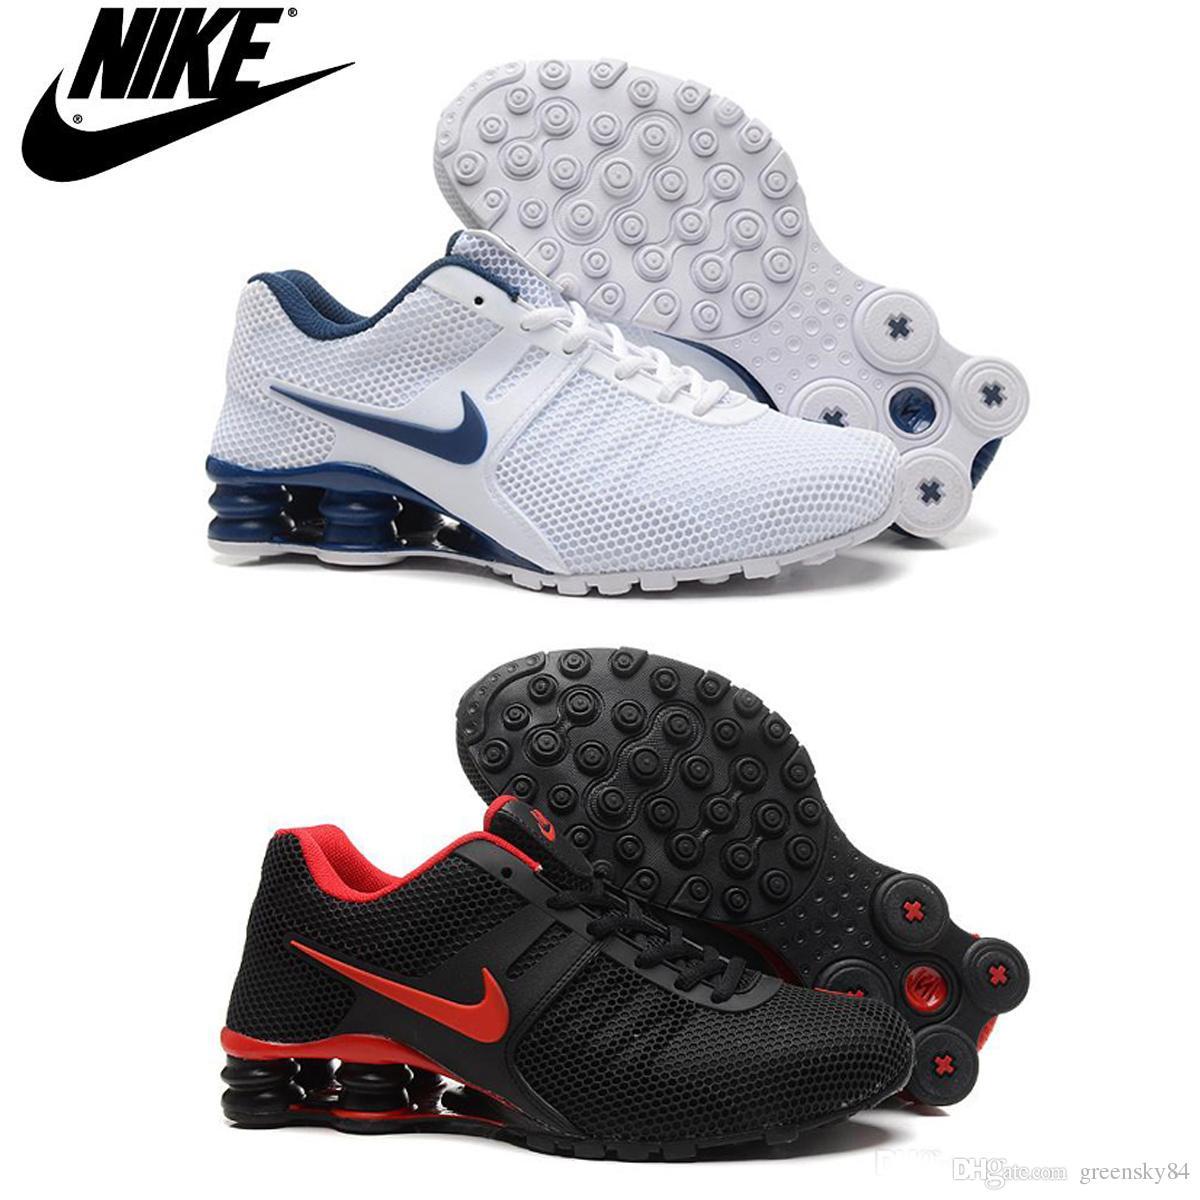 brand new 9b783 36bac Compre Nike Shox Zapatos Para Correr 807 Turbo KPU, Original Al Por Mayor  Baratos Nike Shox NZ, R4, Las Zapatillas De Deporte Tamaño R2 Hombres De 41  46, ...